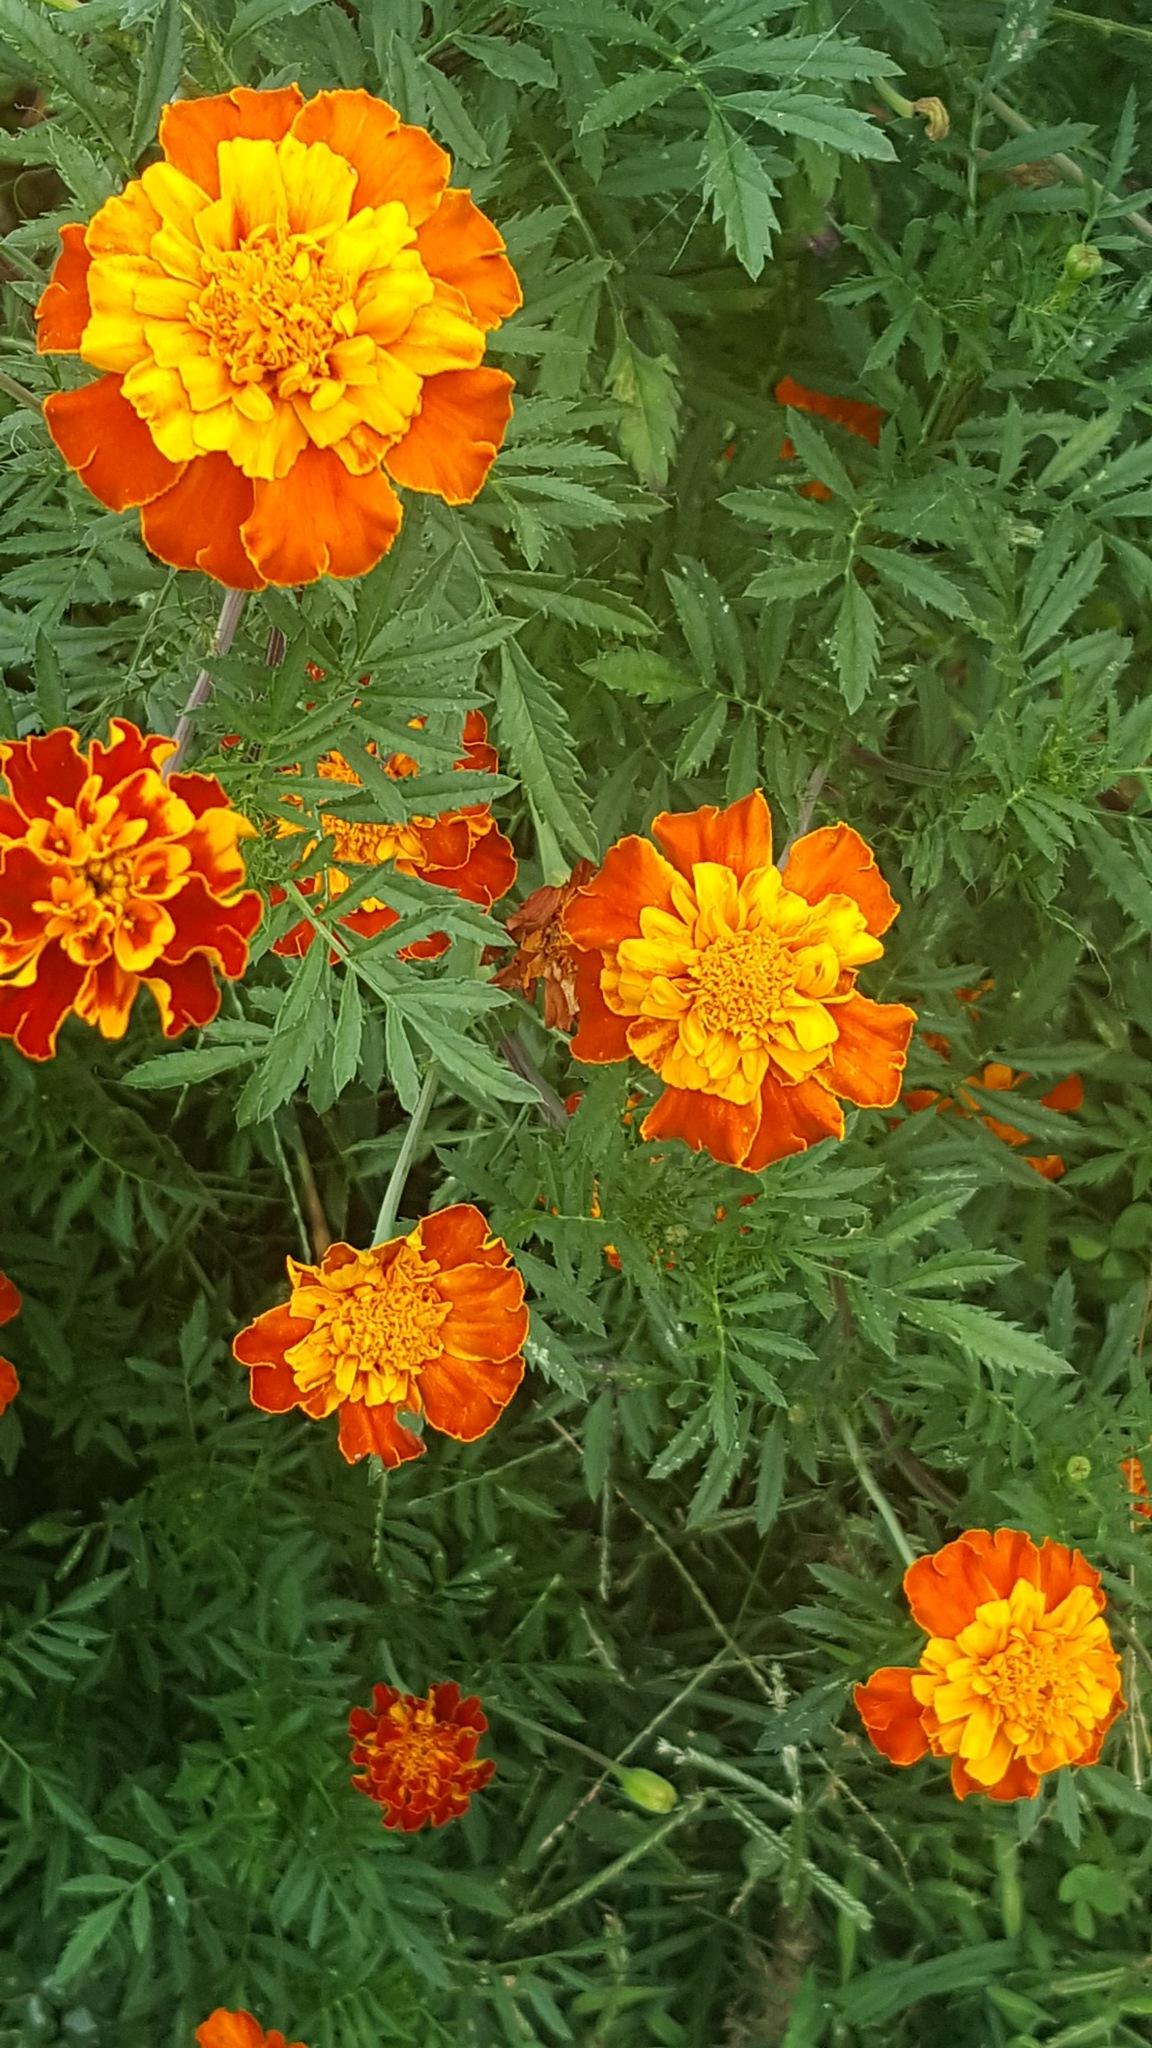 marigold by Sheila Hyden